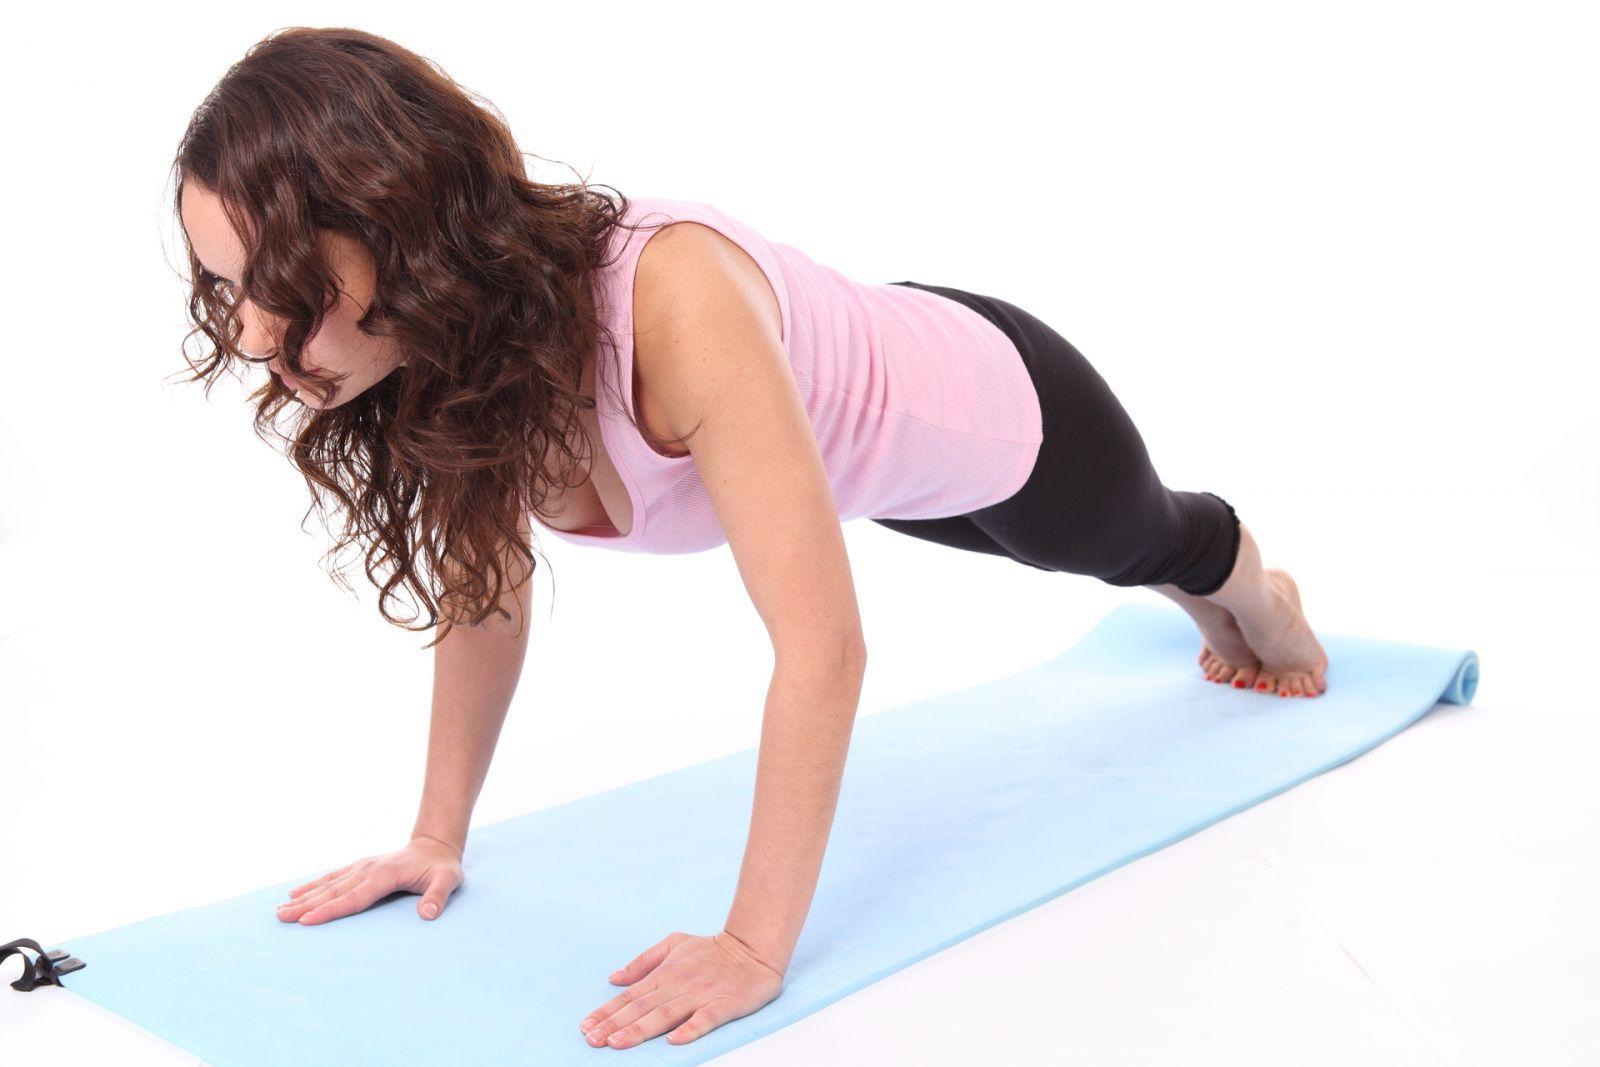 Делаем грудь красивой и подтянутой: эффективные упражнения для девушек и женщин